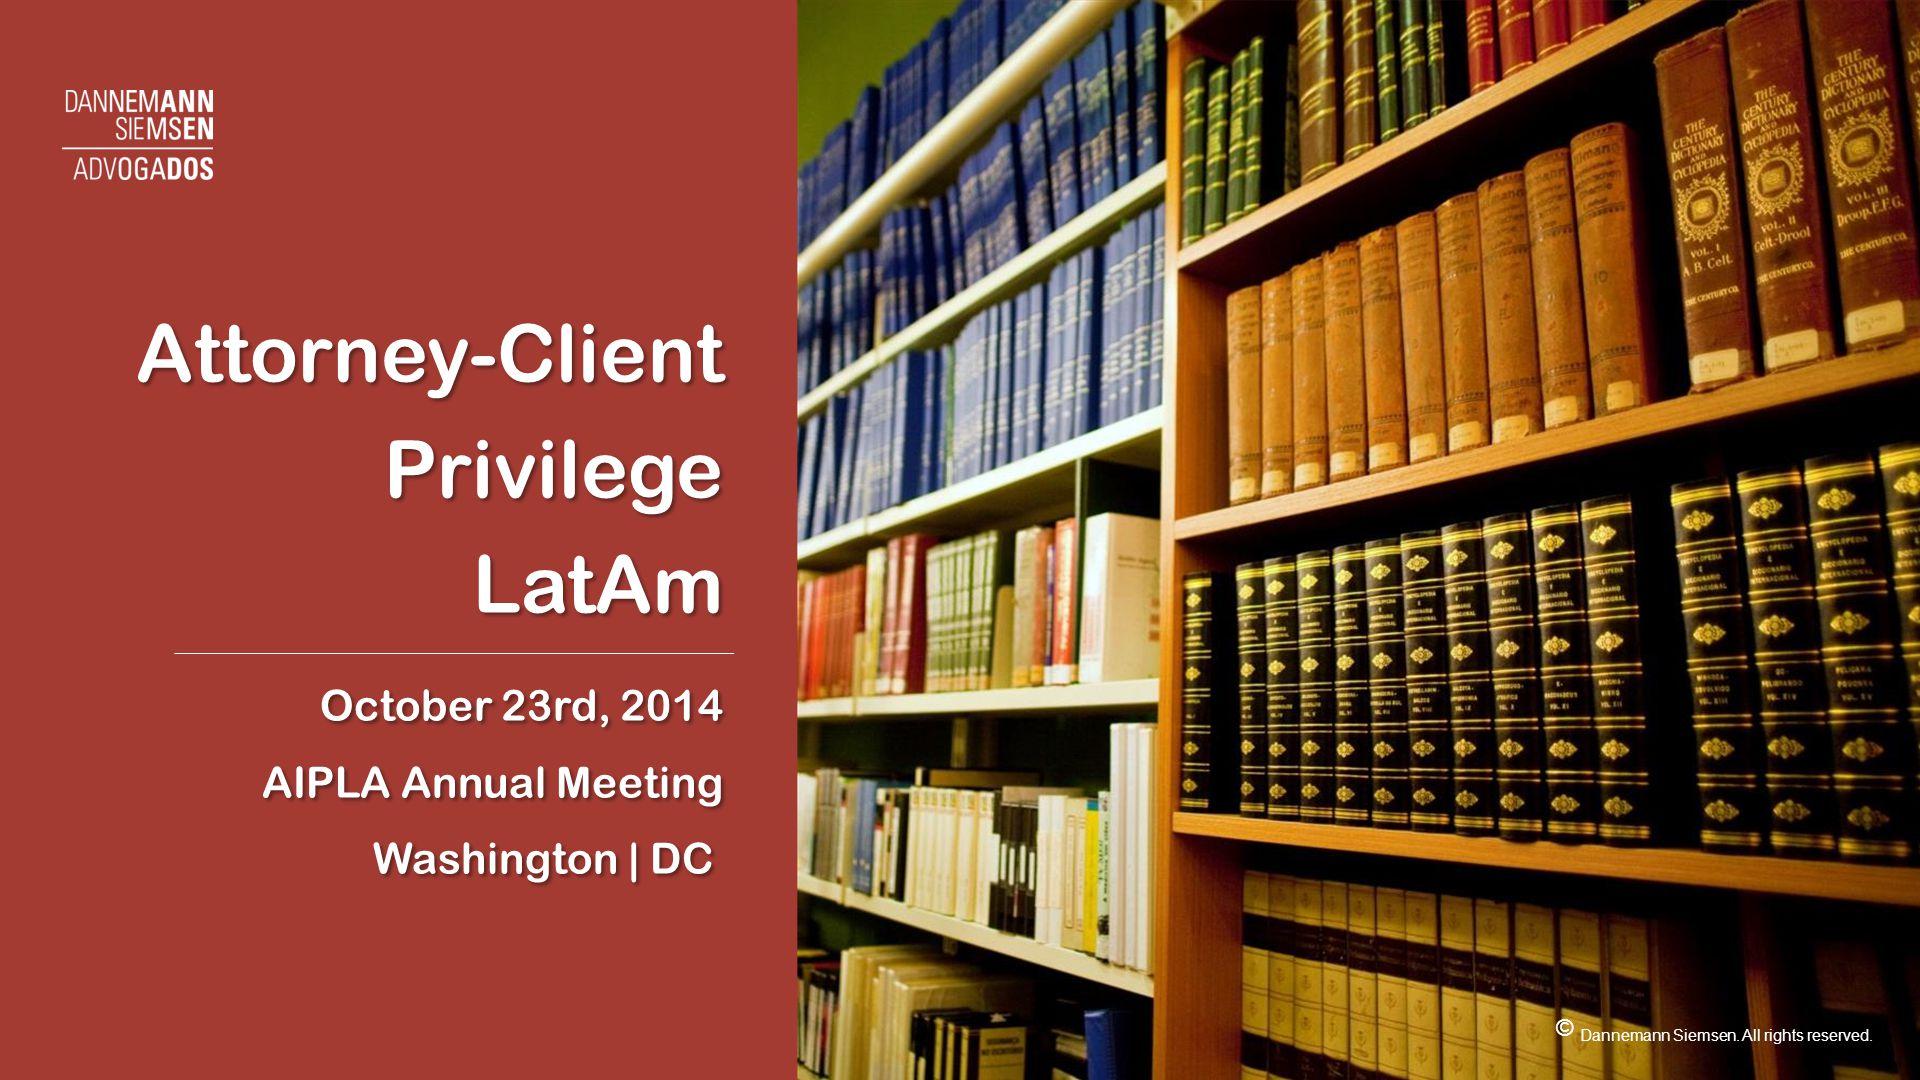 Attorney-Client Privilege LatAm October 23rd, 2014 AIPLA Annual Meeting Washington | DC Attorney-Client Privilege LatAm October 23rd, 2014 AIPLA Annual Meeting Washington | DC © Dannemann Siemsen.